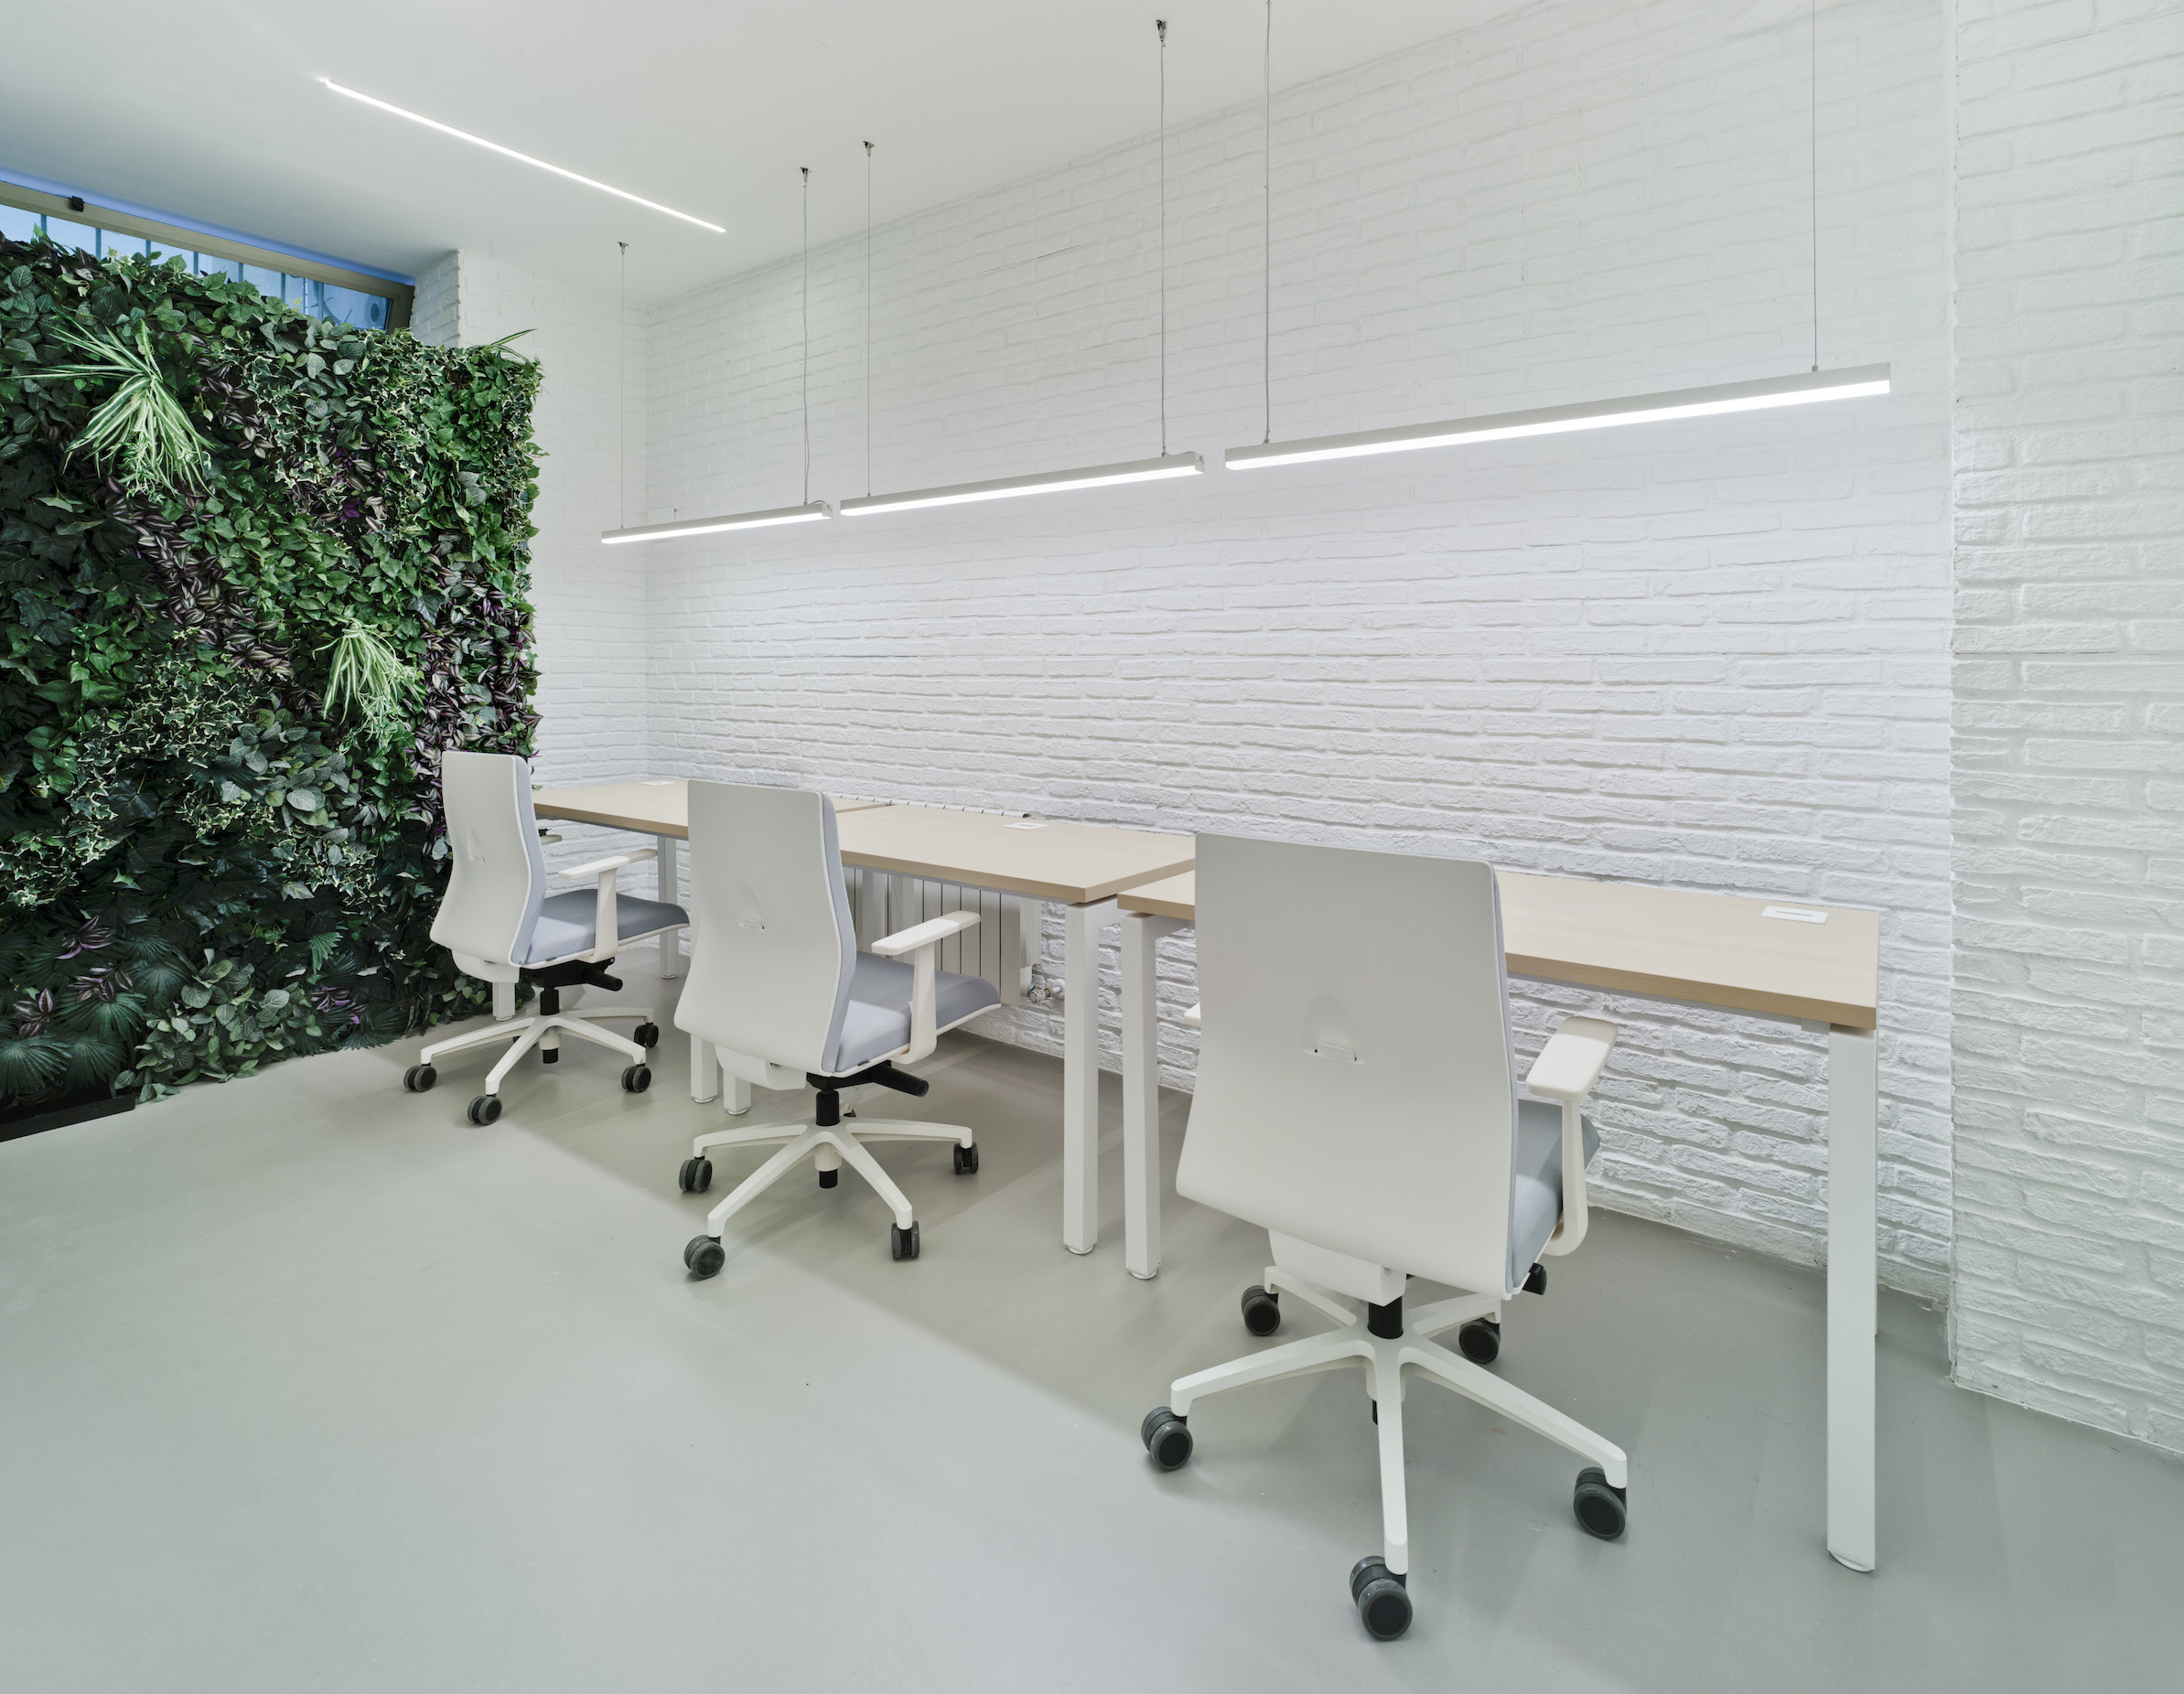 Despachos | The Underground Den. Coworking & Business Center